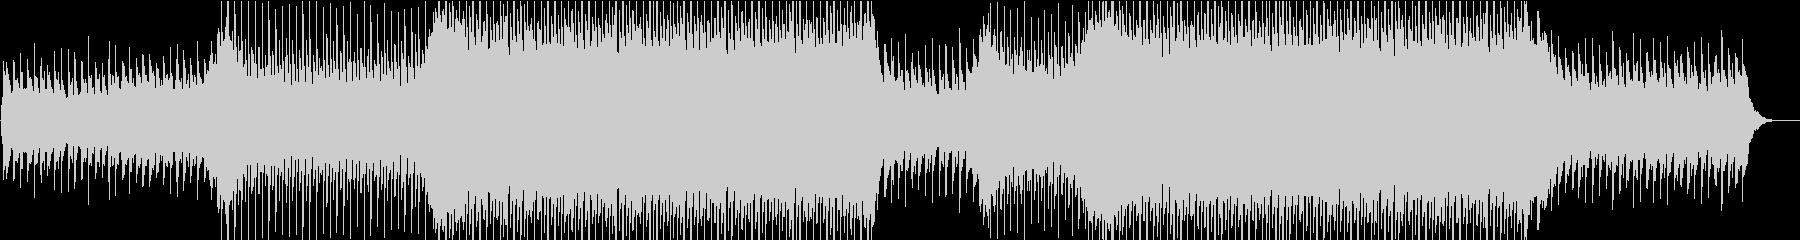 企業VPや映像/爽やか/明るい/ピアノの未再生の波形